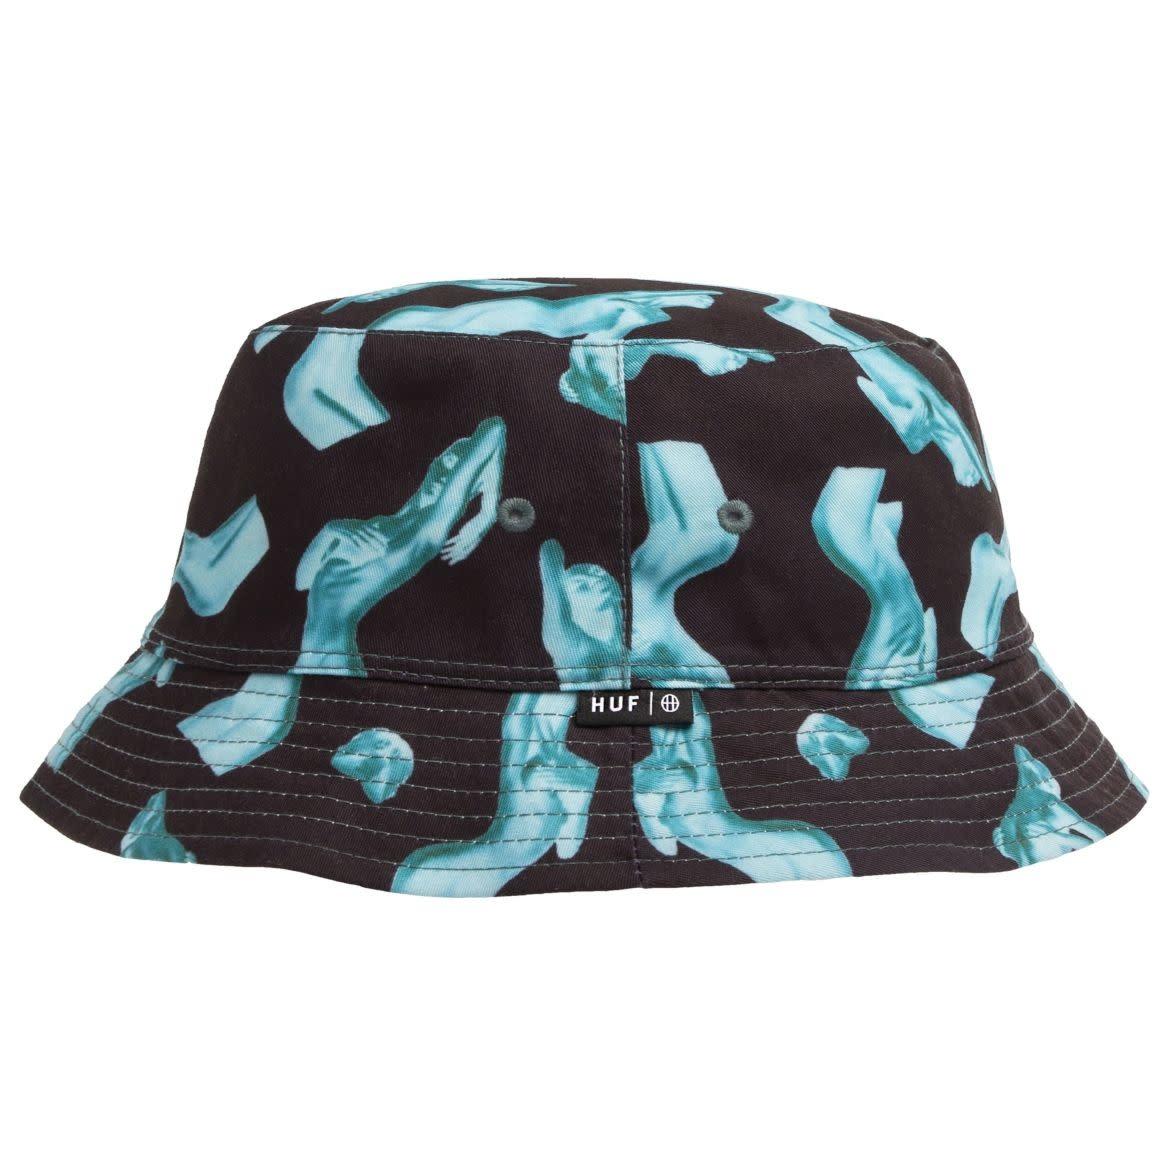 HUF Her Reversible Bucket Hat Black/White S/M